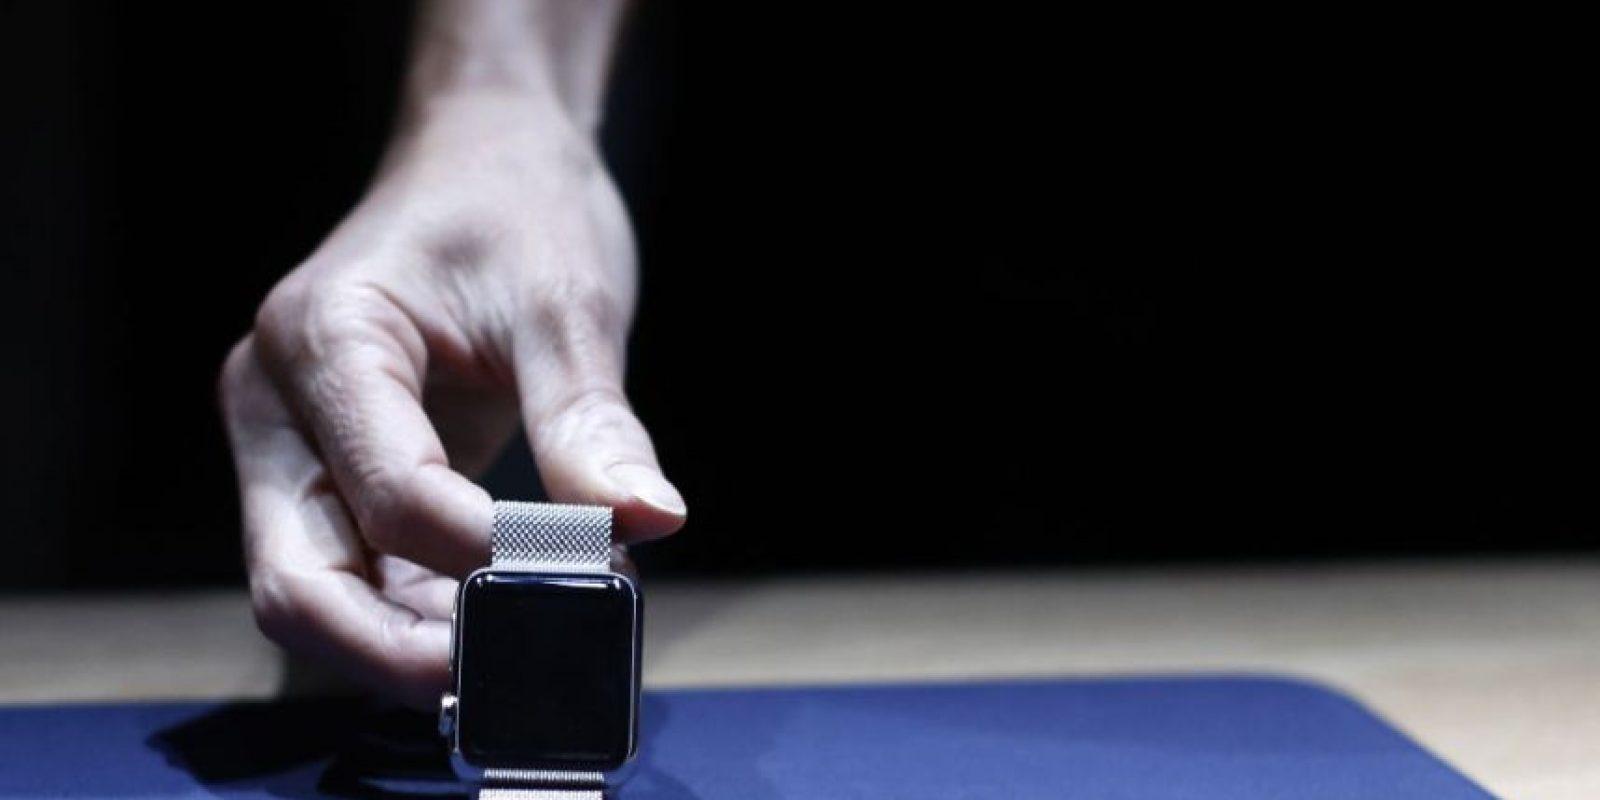 El Apple Watch es fácil de resetear si fuera robado o perdido Foto:Getty Images